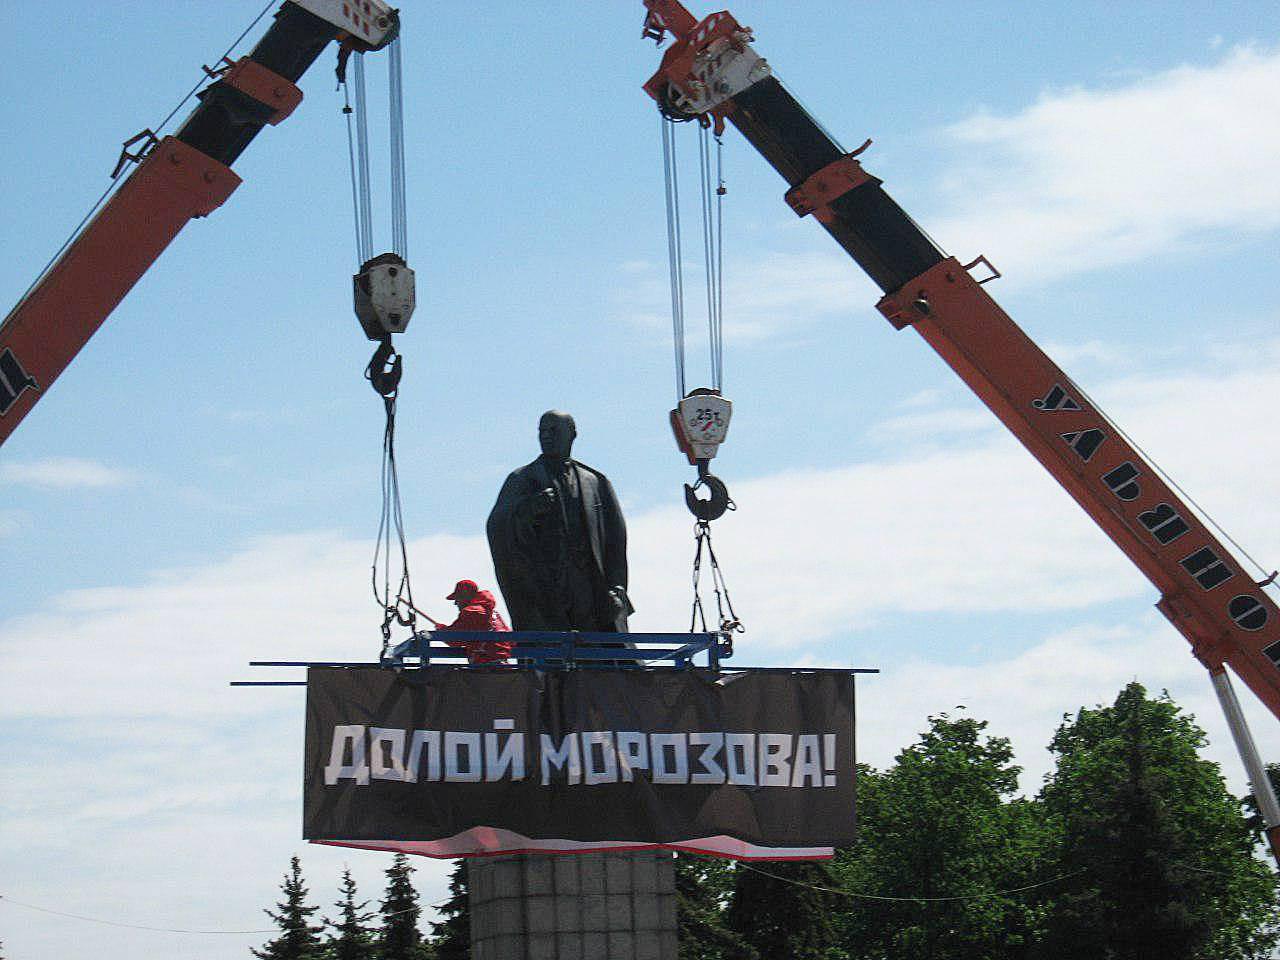 Баннер подвешенный двумя кранами на митинге КПРФ в Ульяновске. 25 мая 2018 г.